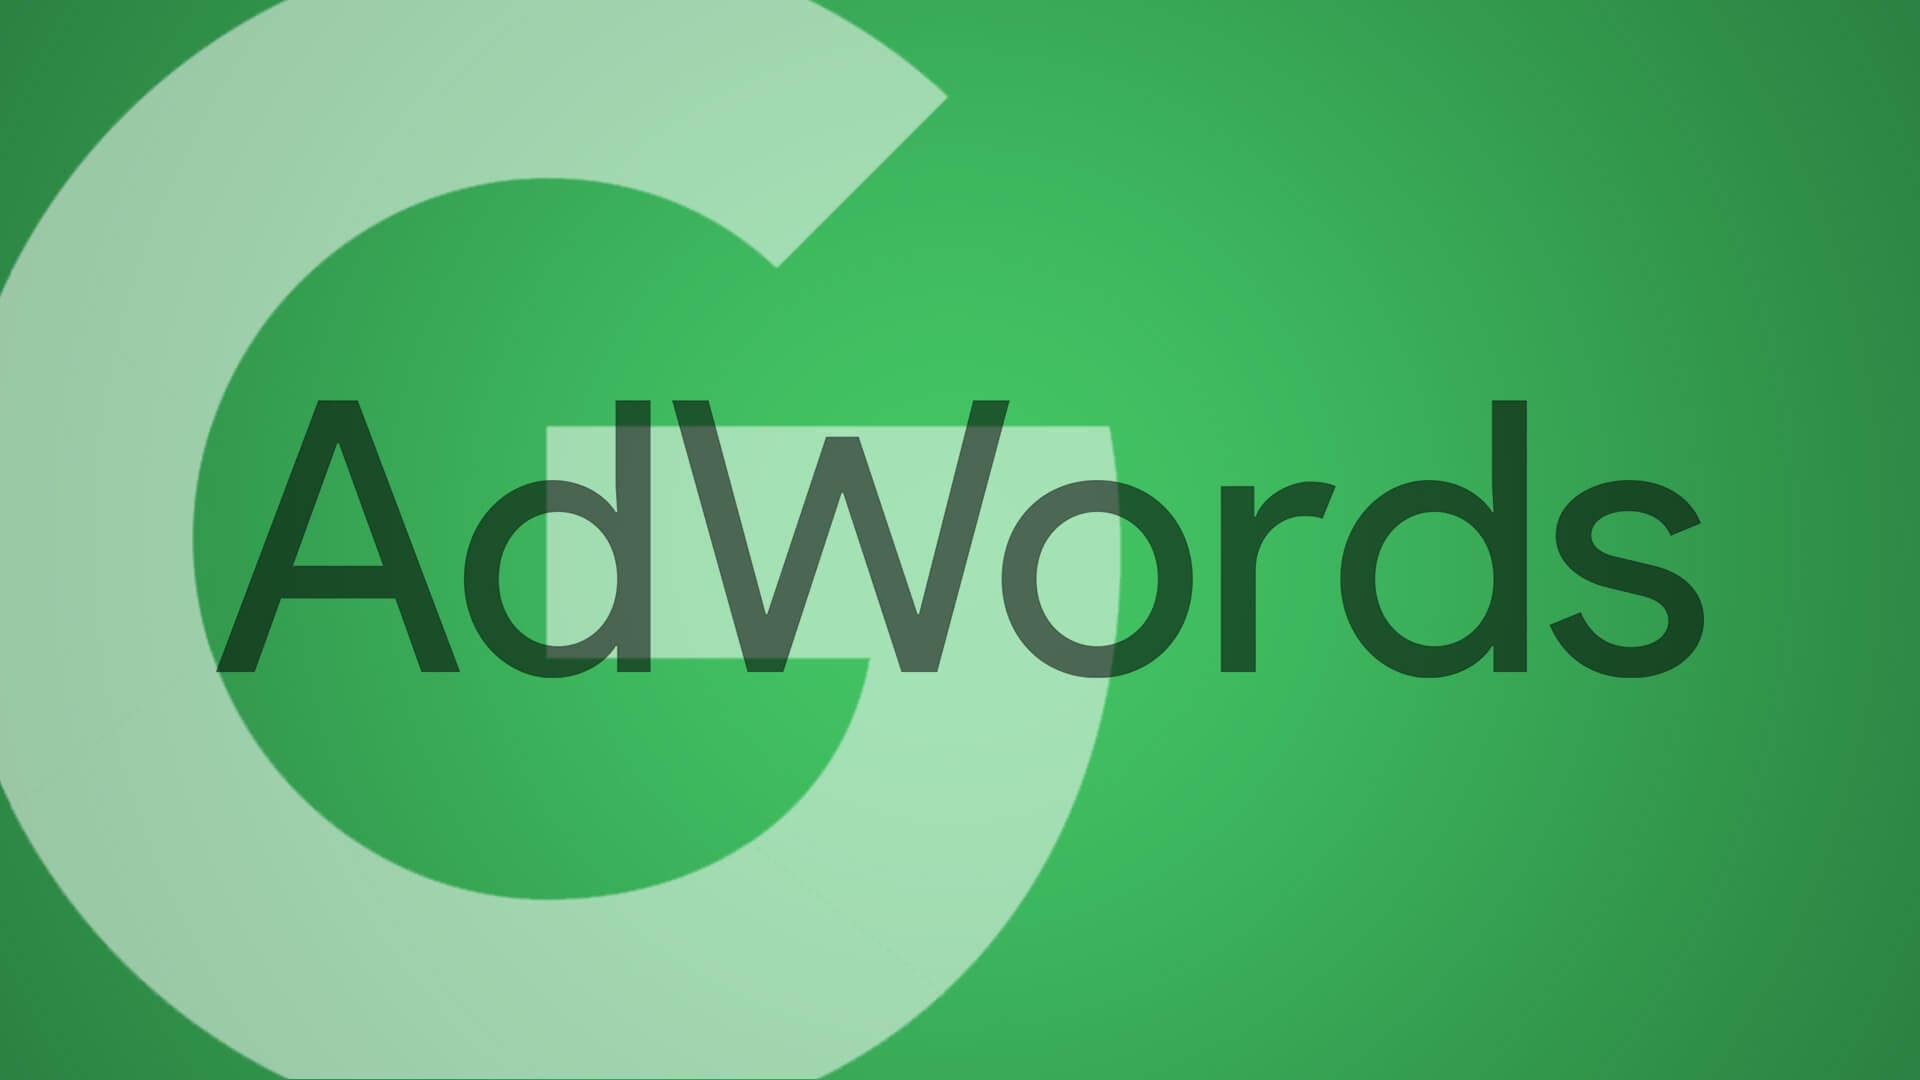 Cara yang tepat untuk mendapatkan dinamis dengan Google AdWords